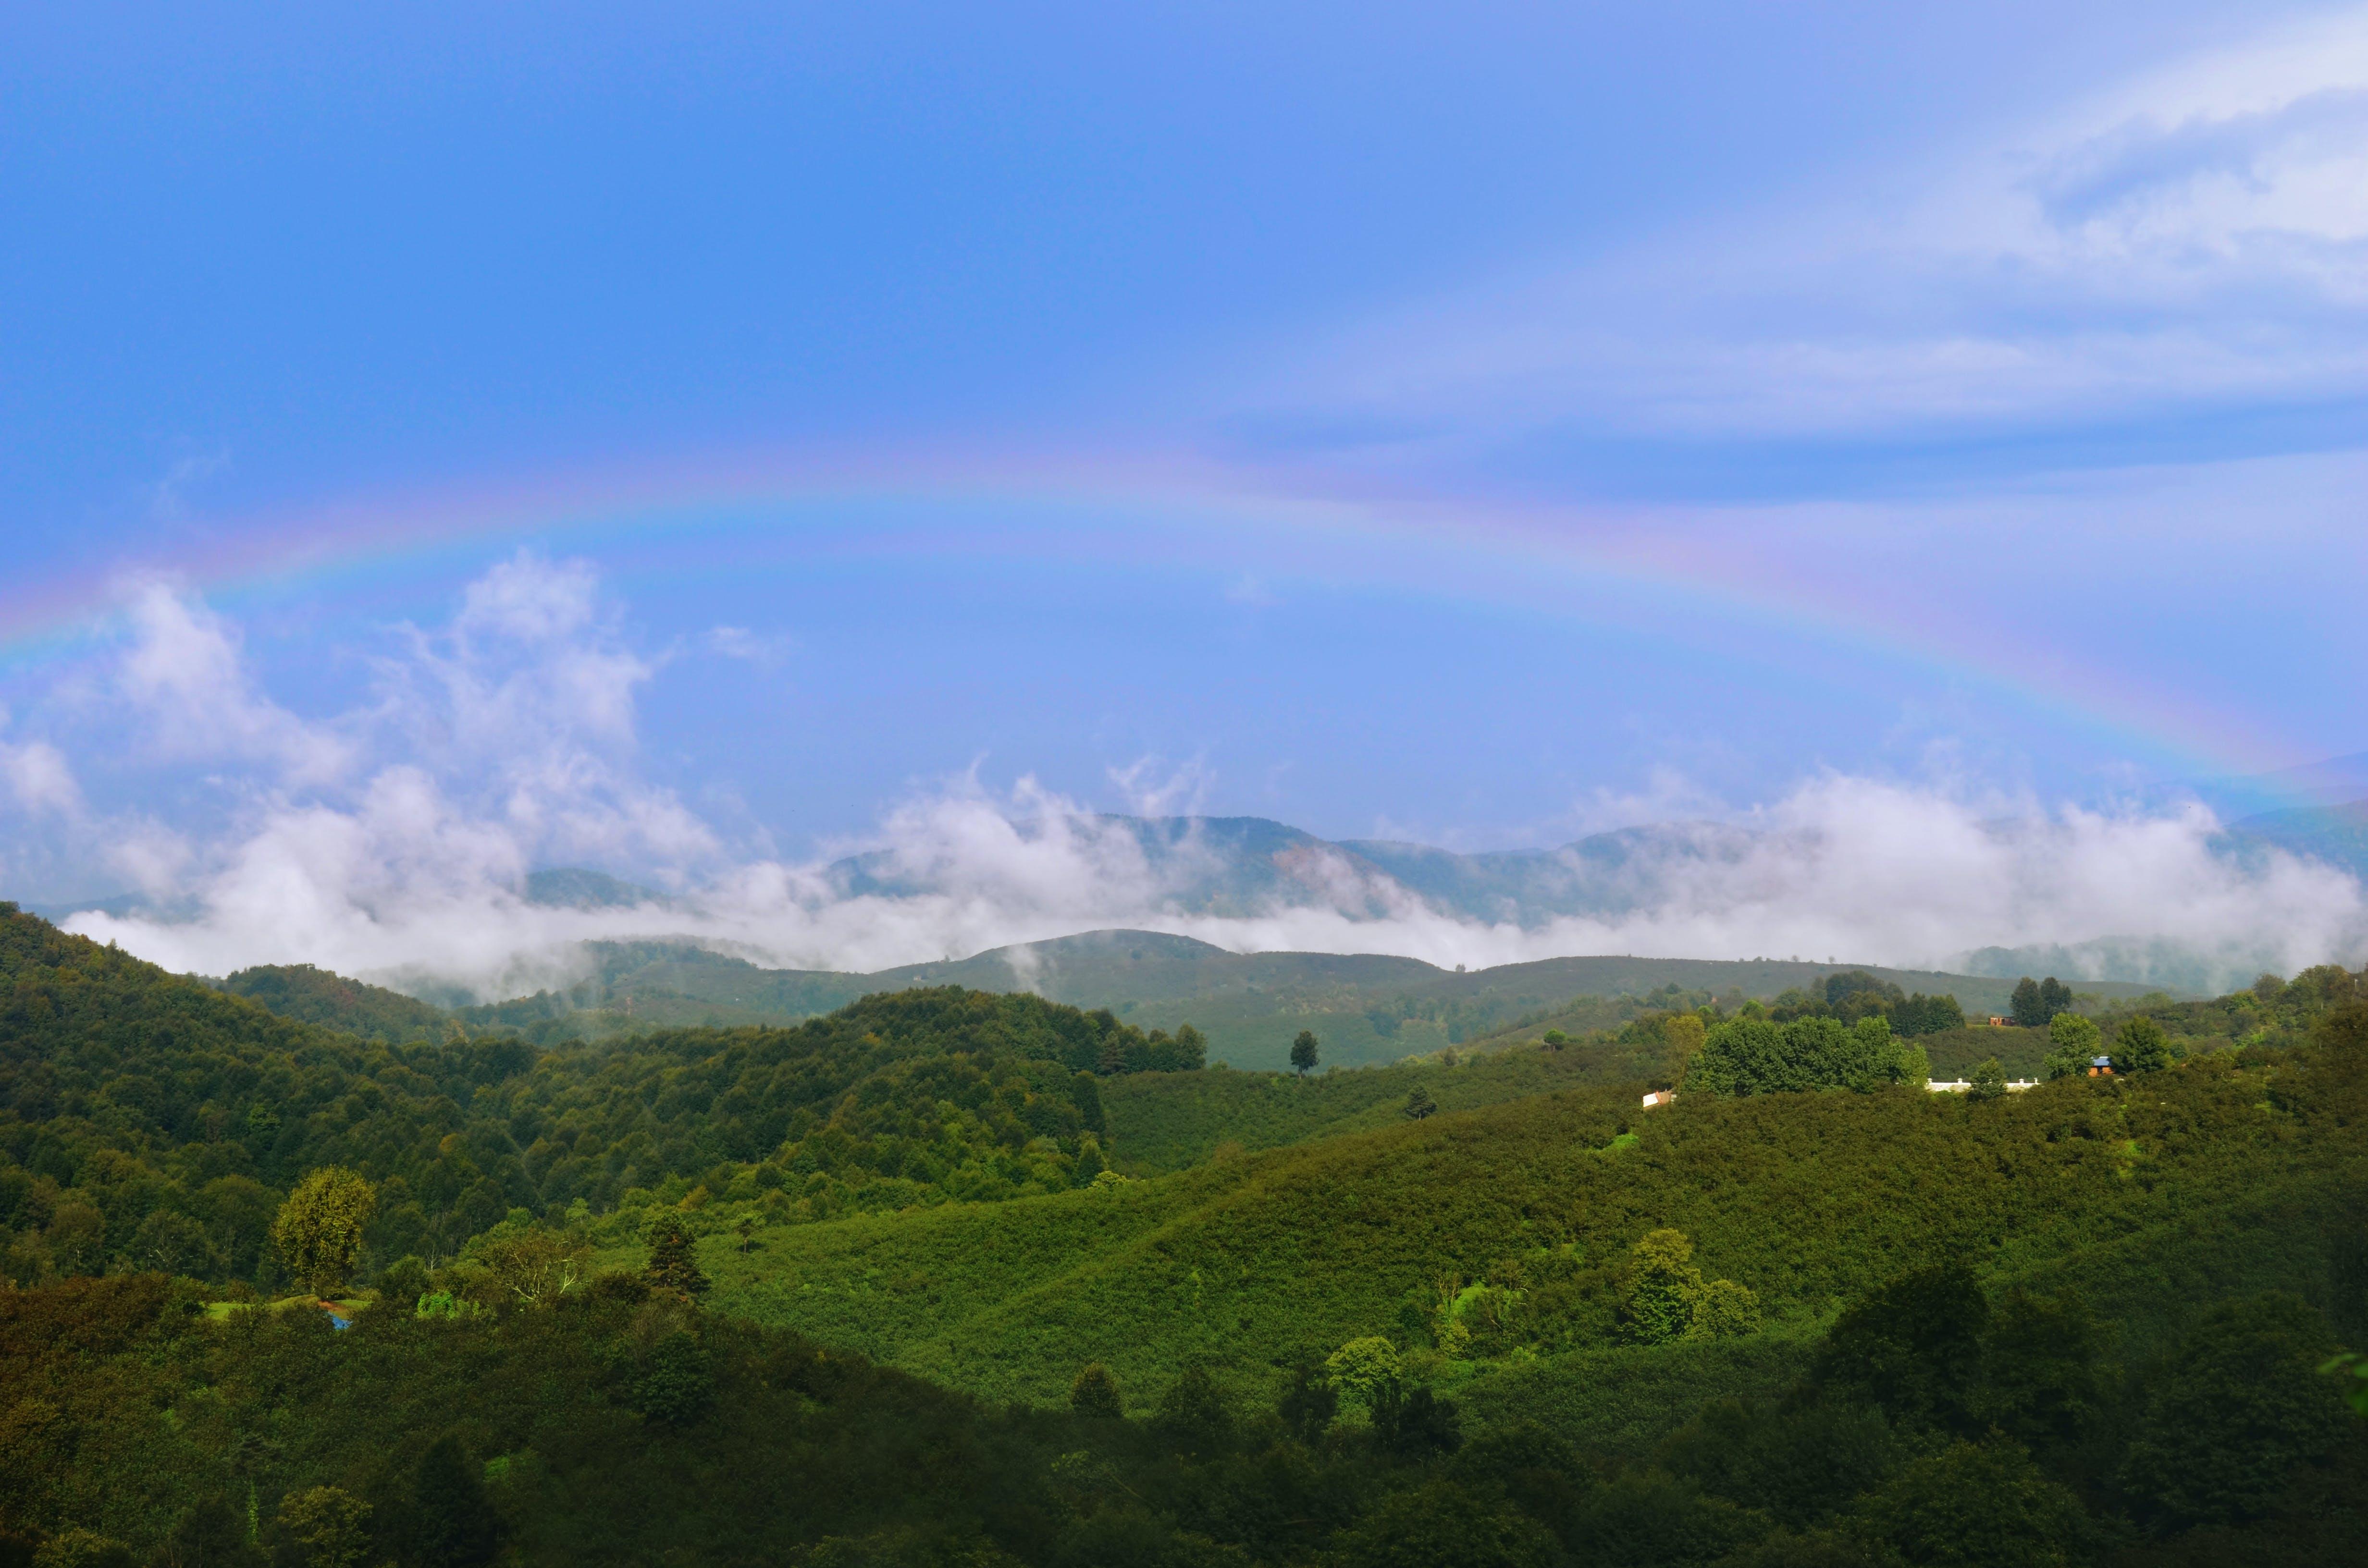 Kostenloses Stock Foto zu dorf, grün, himmel, natur